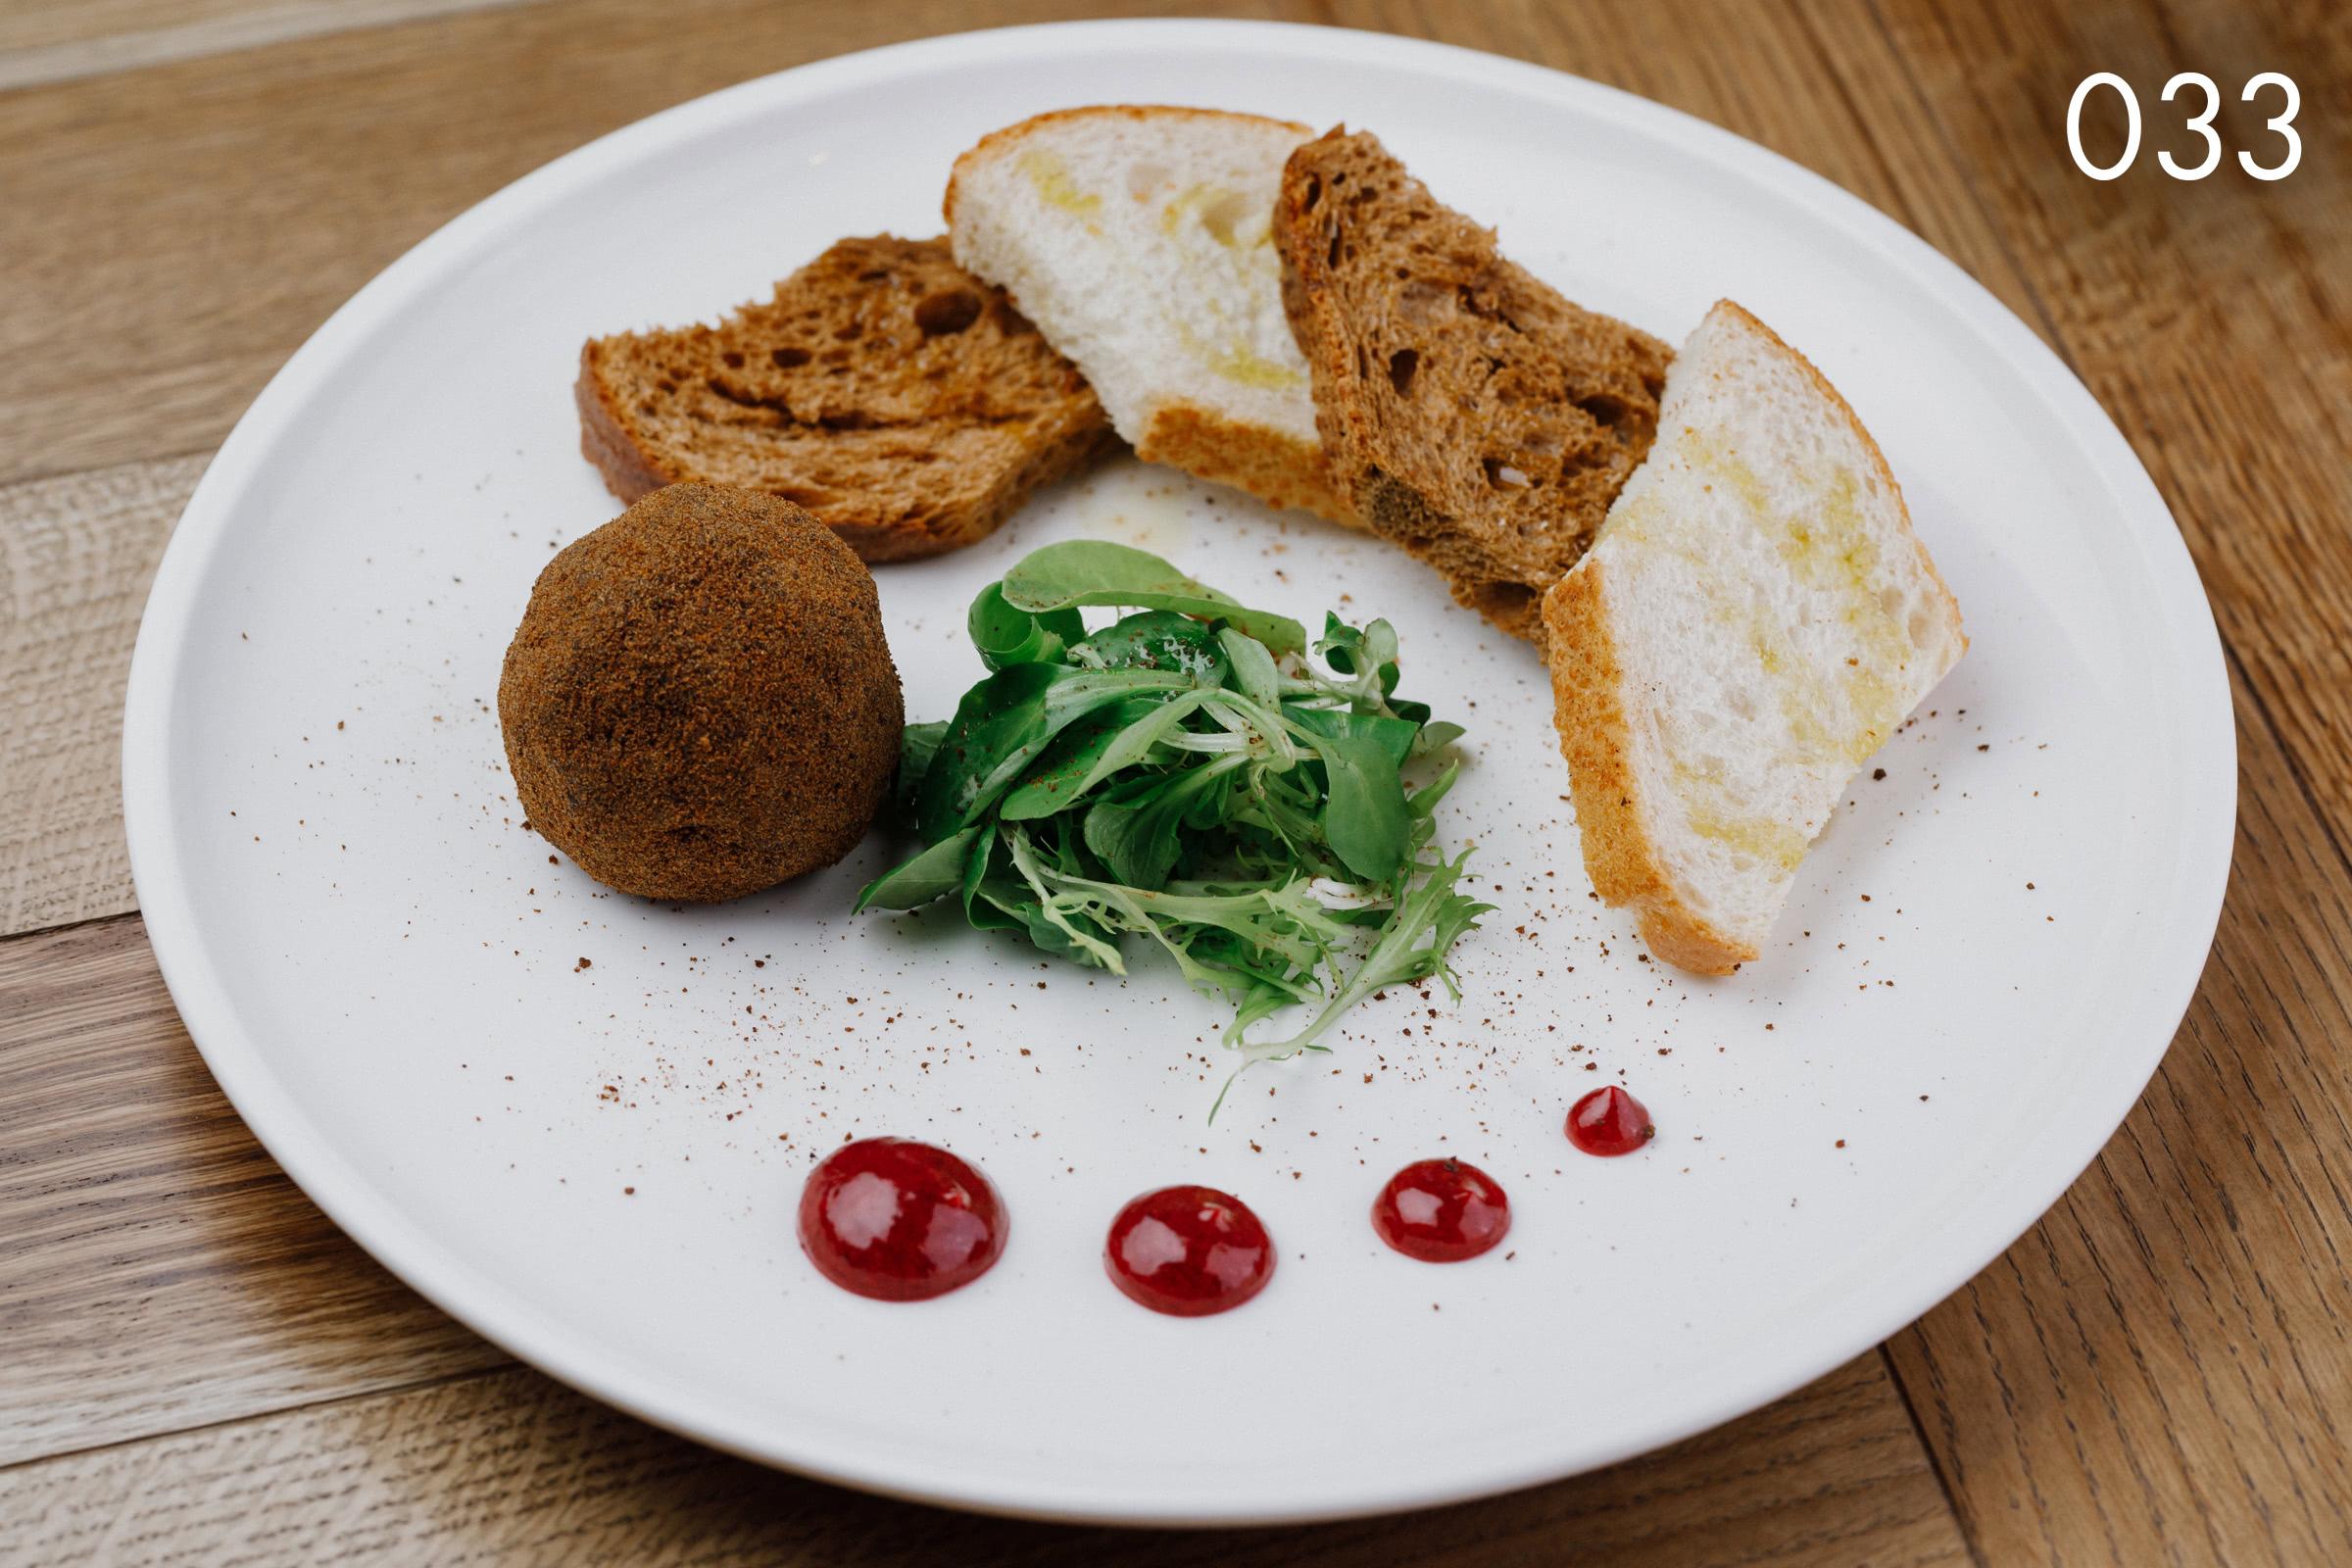 нежный паштет из печени домашнего цыпленка с брусничным соусом в ресторане Веранда